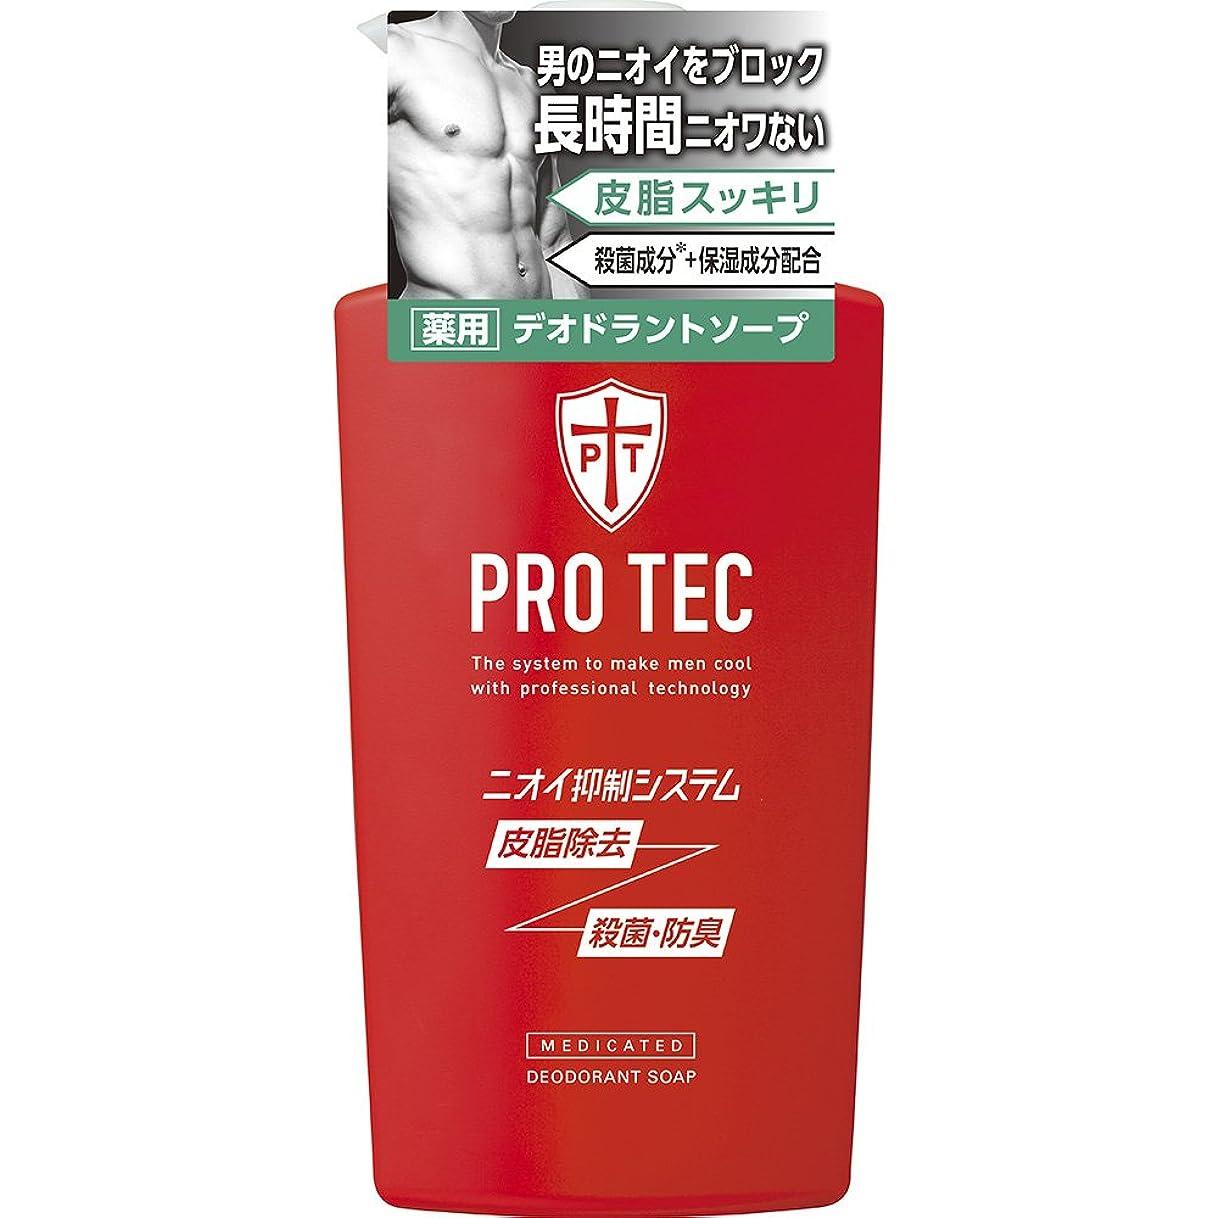 熱心な便宜血統PRO TEC(プロテク) デオドラントソープ 本体ポンプ 420ml